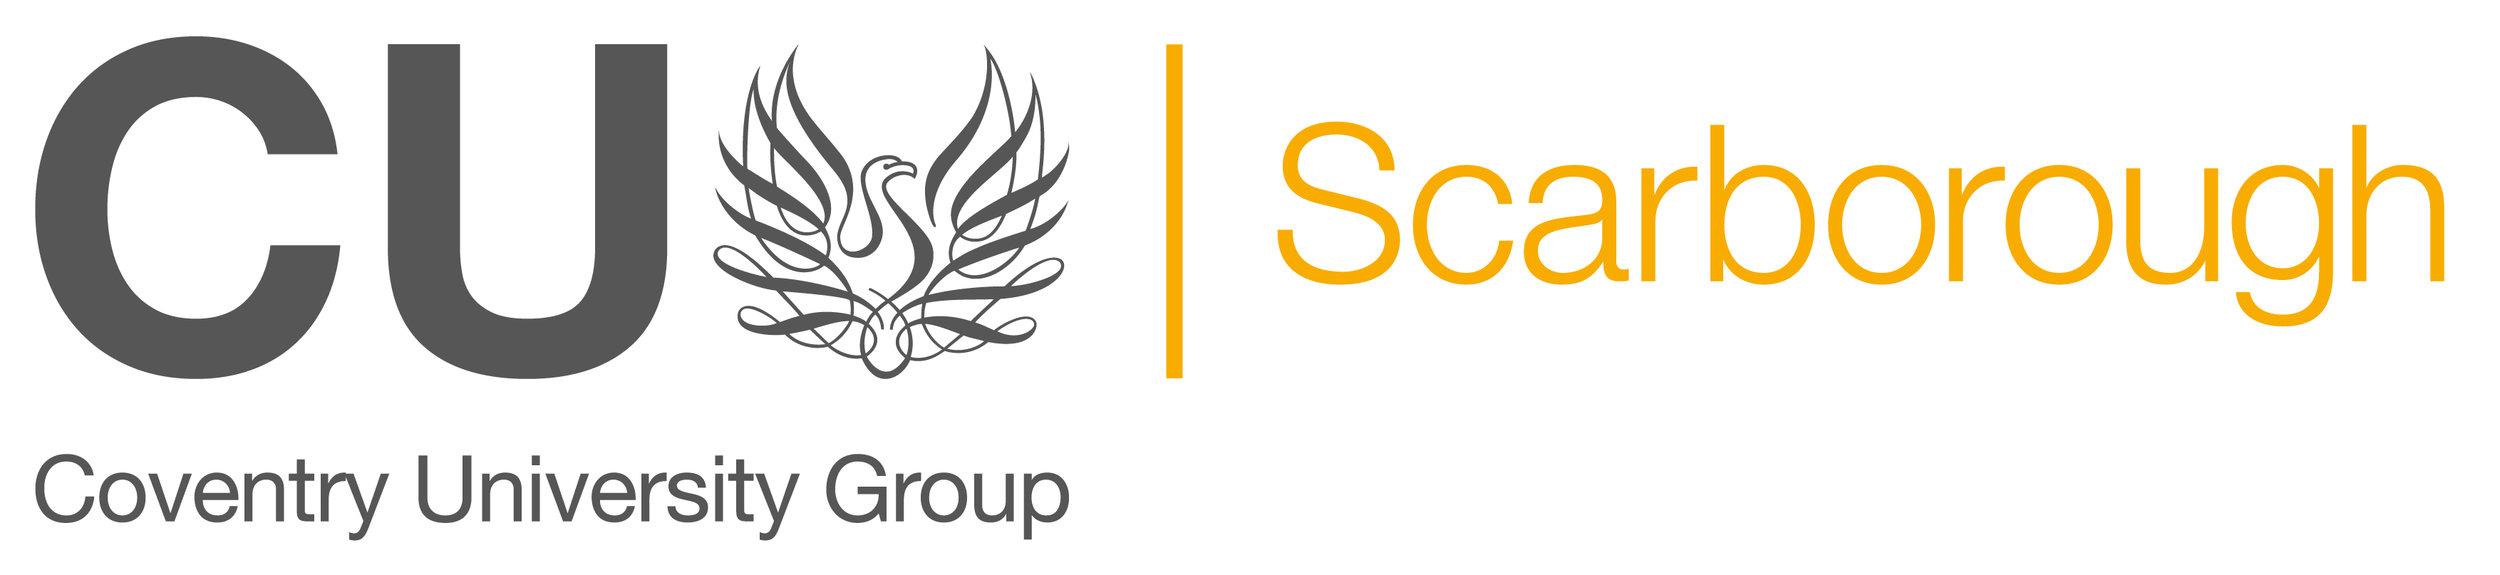 CU_Scarborough_Logo-01 Hi-Res.jpg